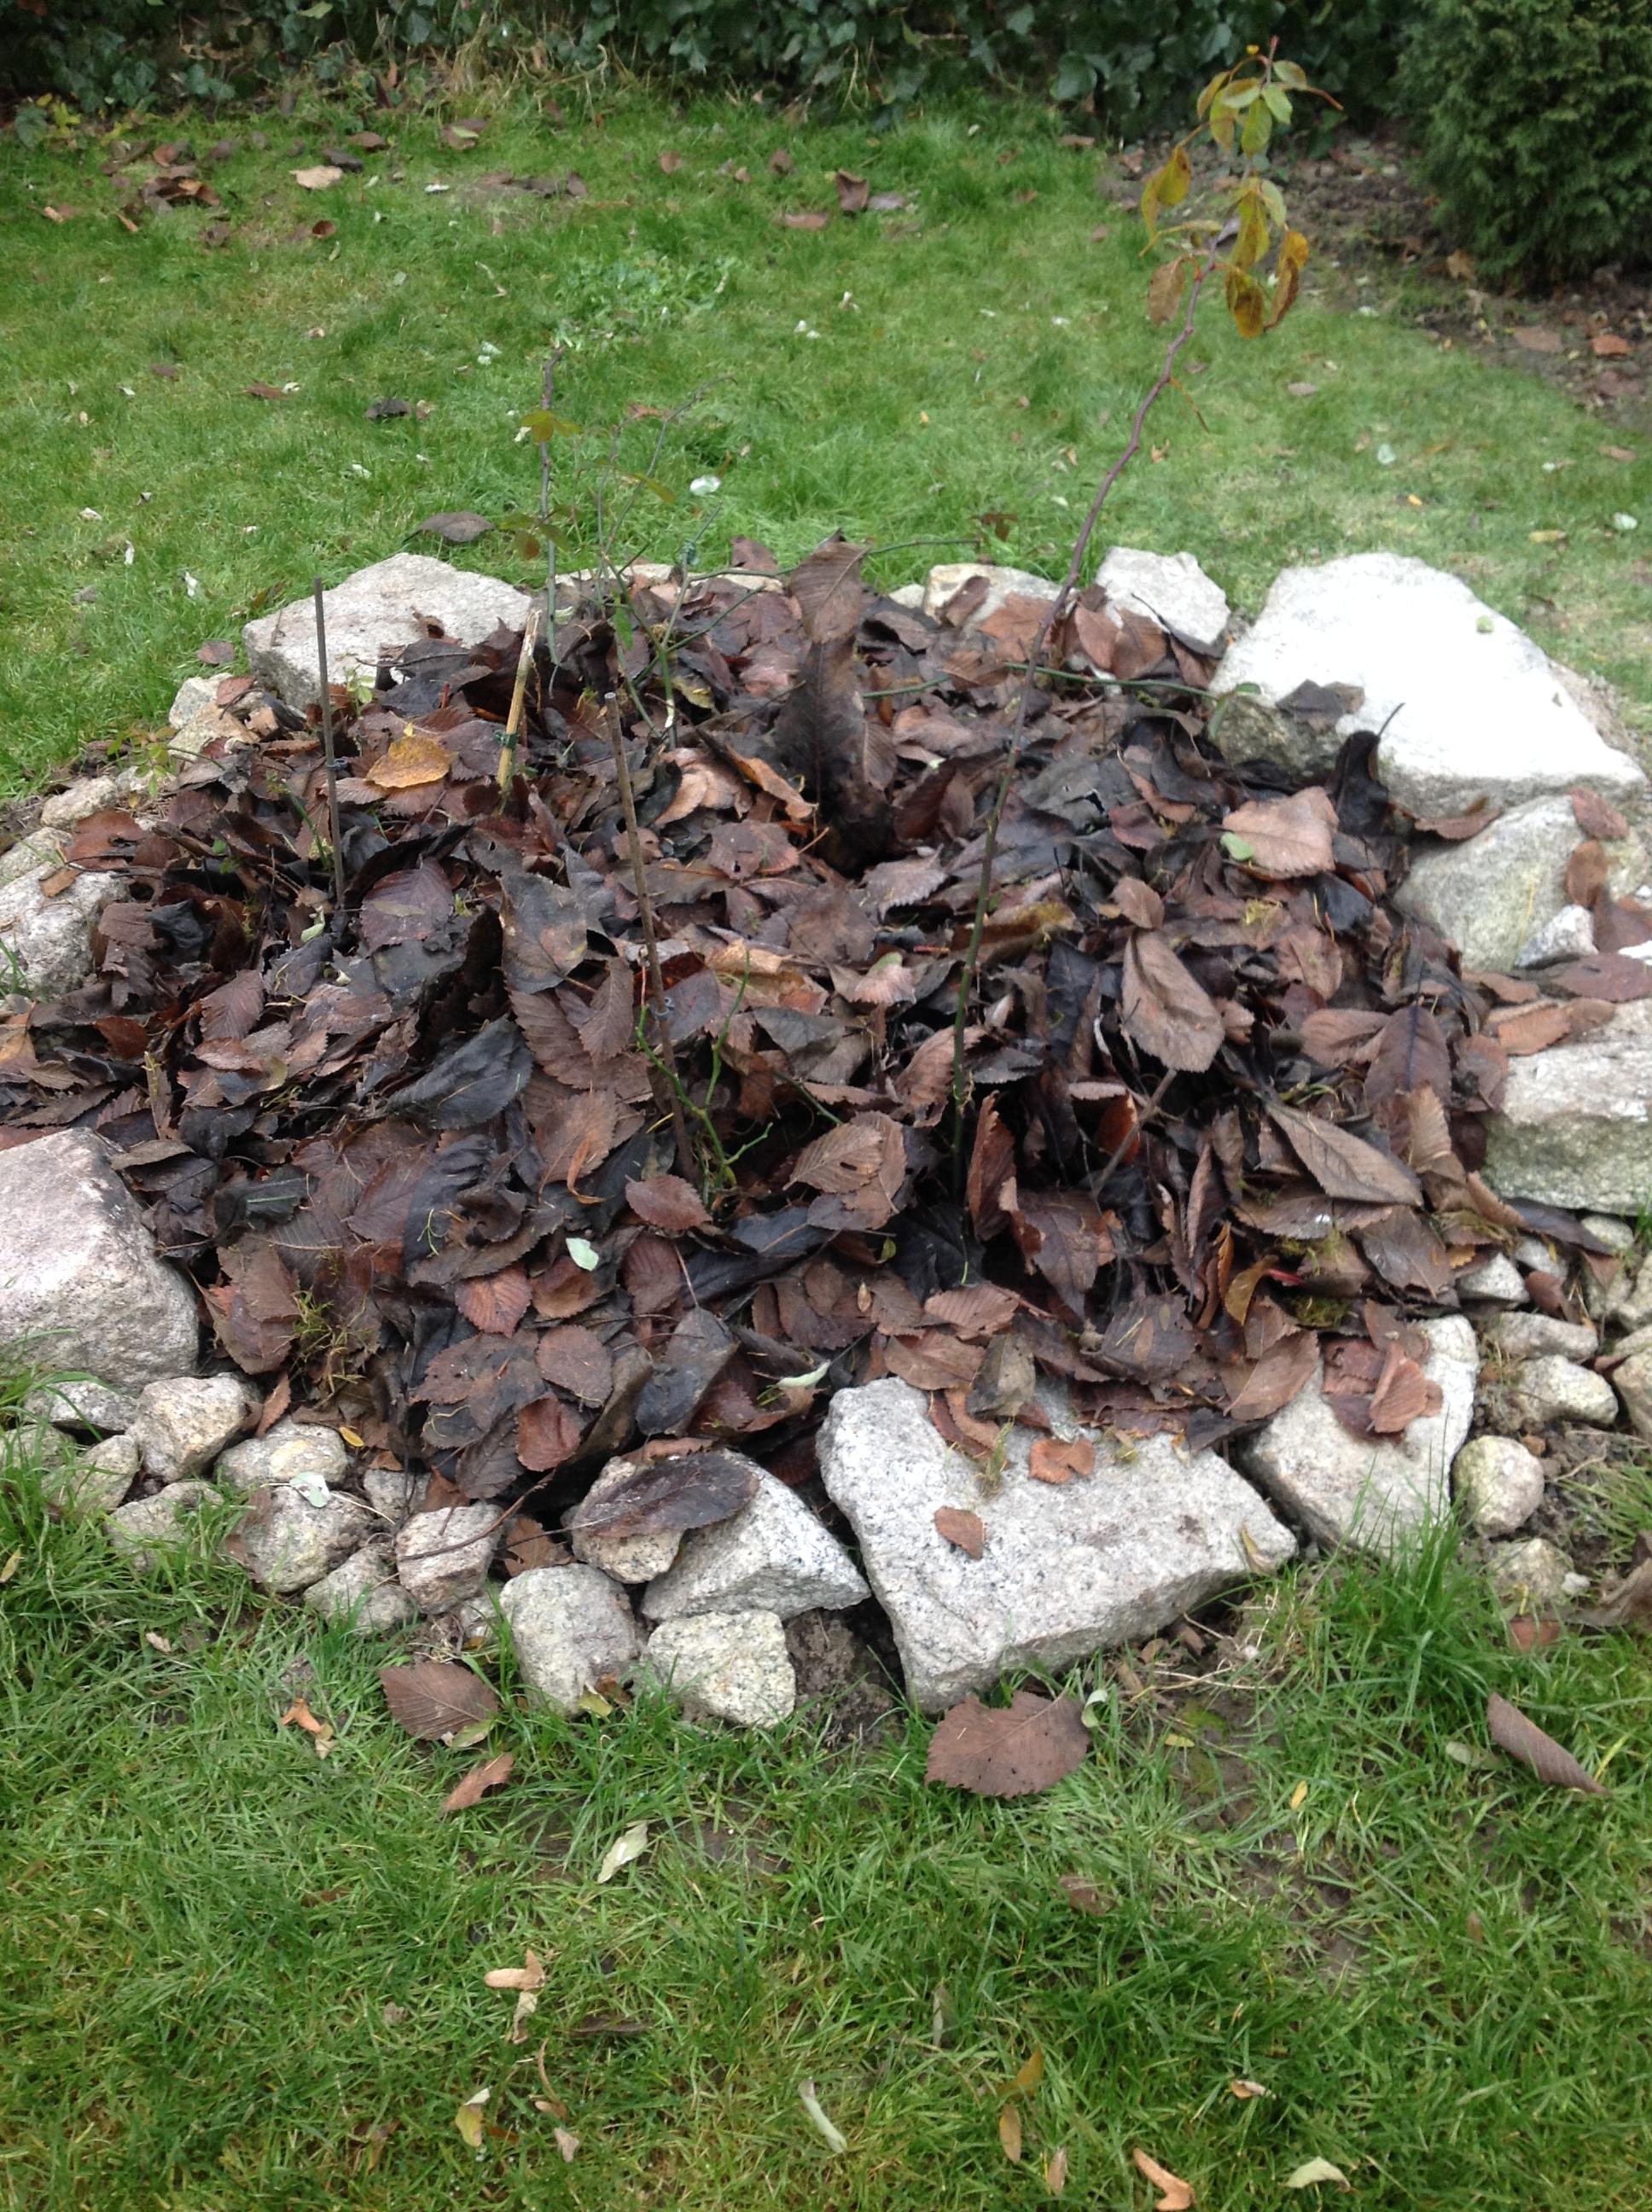 młode rośliny przykryte liśćmi